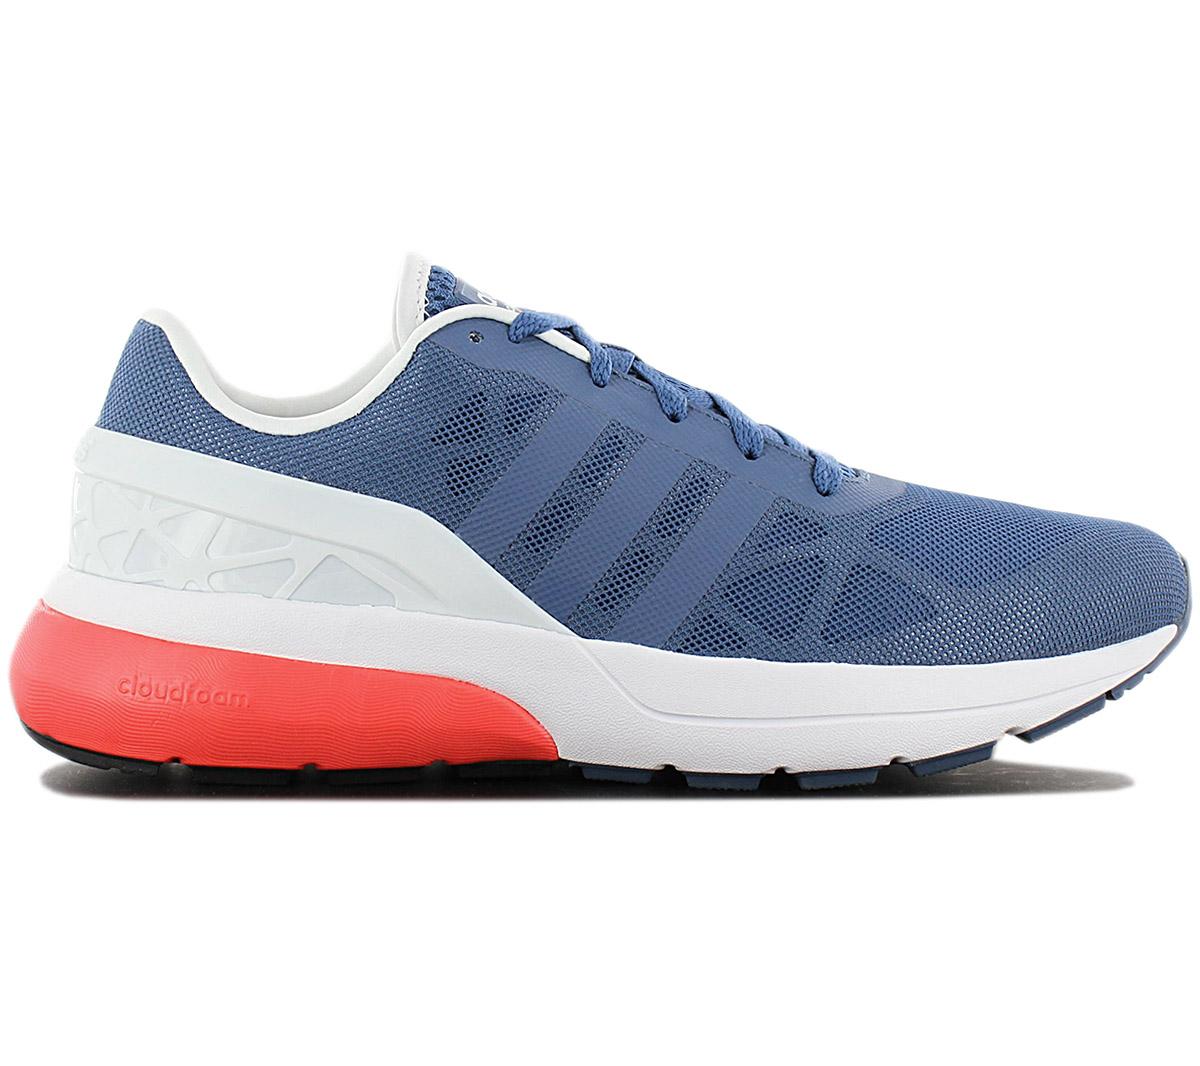 adidas men's cloudfoam flow shoes